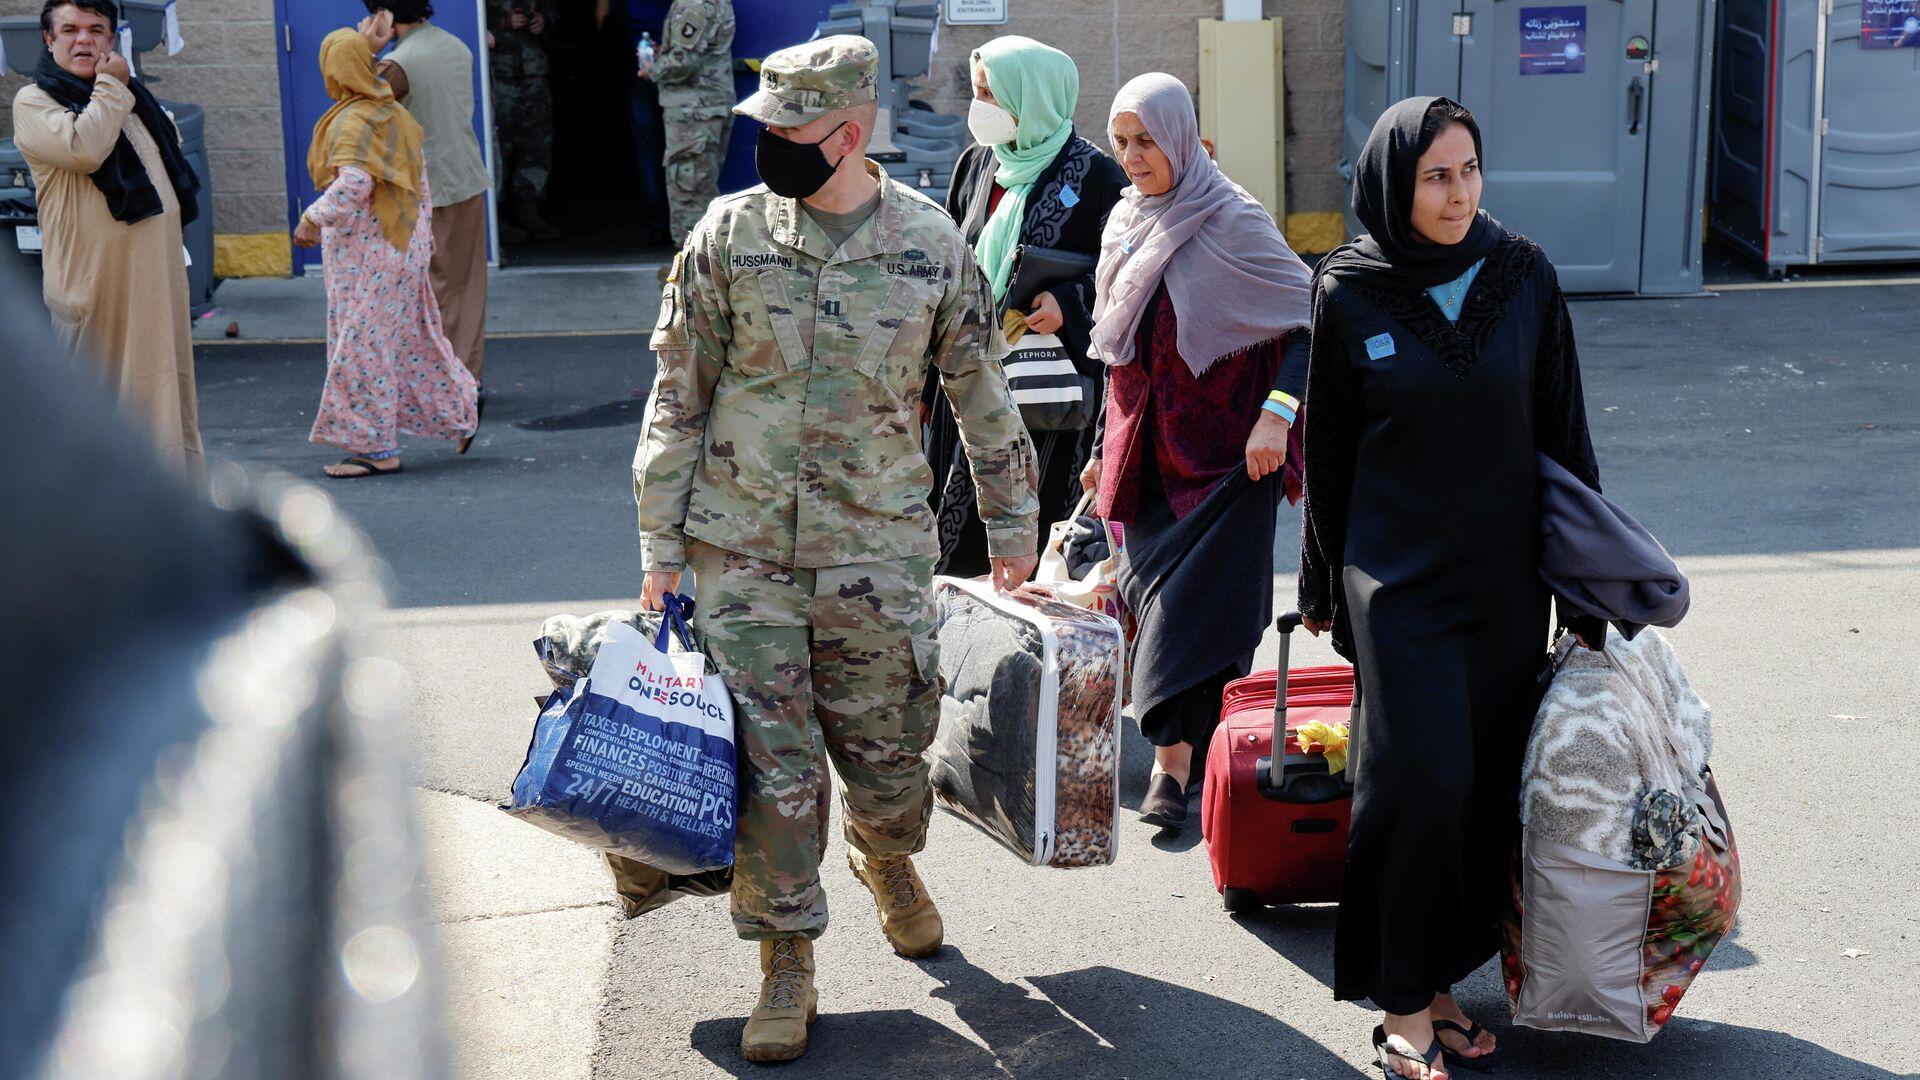 Los militares estadounidenses ayudan a las familias cuando salen de un centro para evacuados de Afganistán en el Dulles Expo Center cerca del Aeropuerto Internacional de Dulles en Chantilly, Virginia, EEUU, 25 de agosto de 2021 - Sputnik Mundo, 1920, 26.08.2021